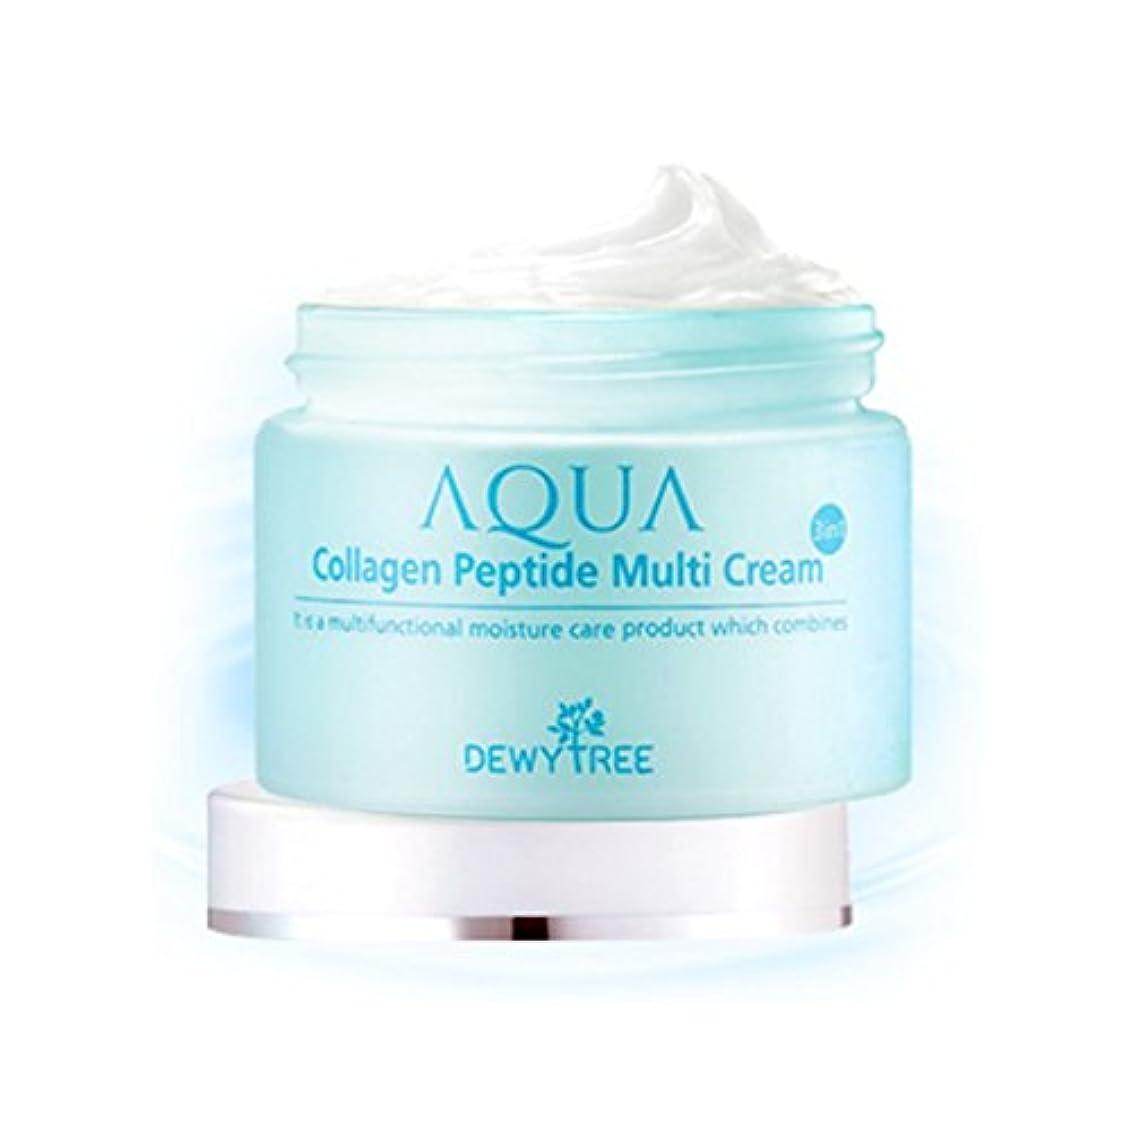 動機付けるサミュエルフクロウ[Dewytree] デュイトゥリー アクアコラーゲン ペプチド マルチクリーム Aqua Collagen Peptide Multi Cream (50ml) / [並行輸入品]